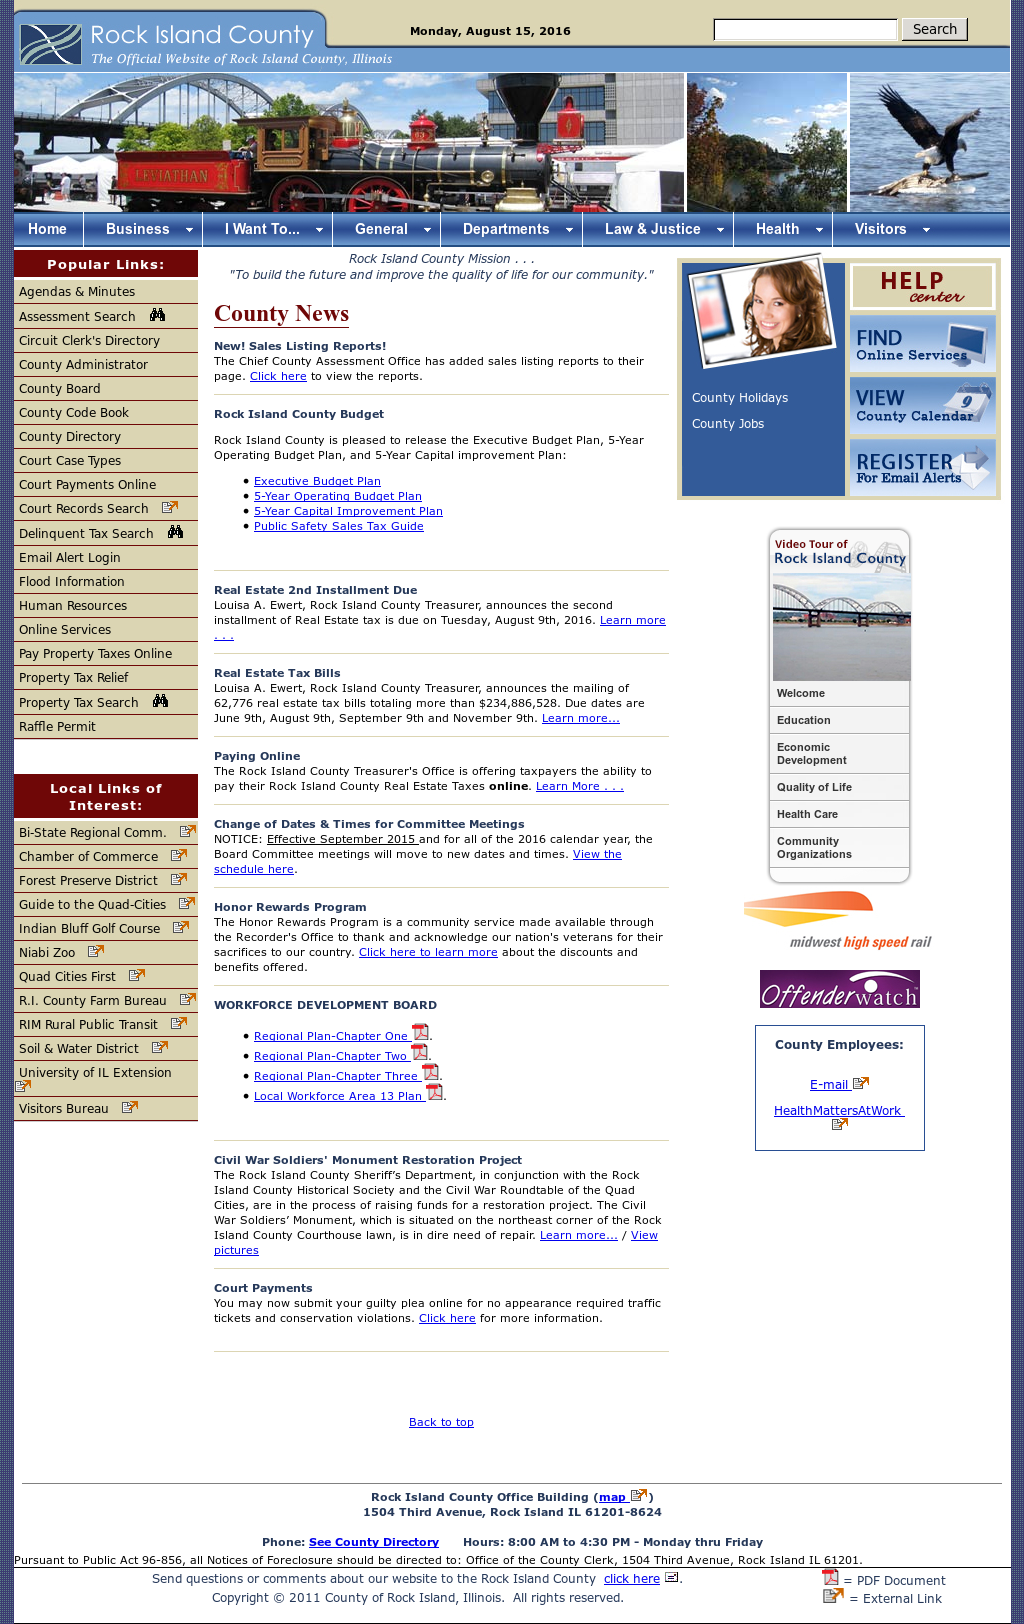 Rock Island County, Illinois Competitors, Revenue and